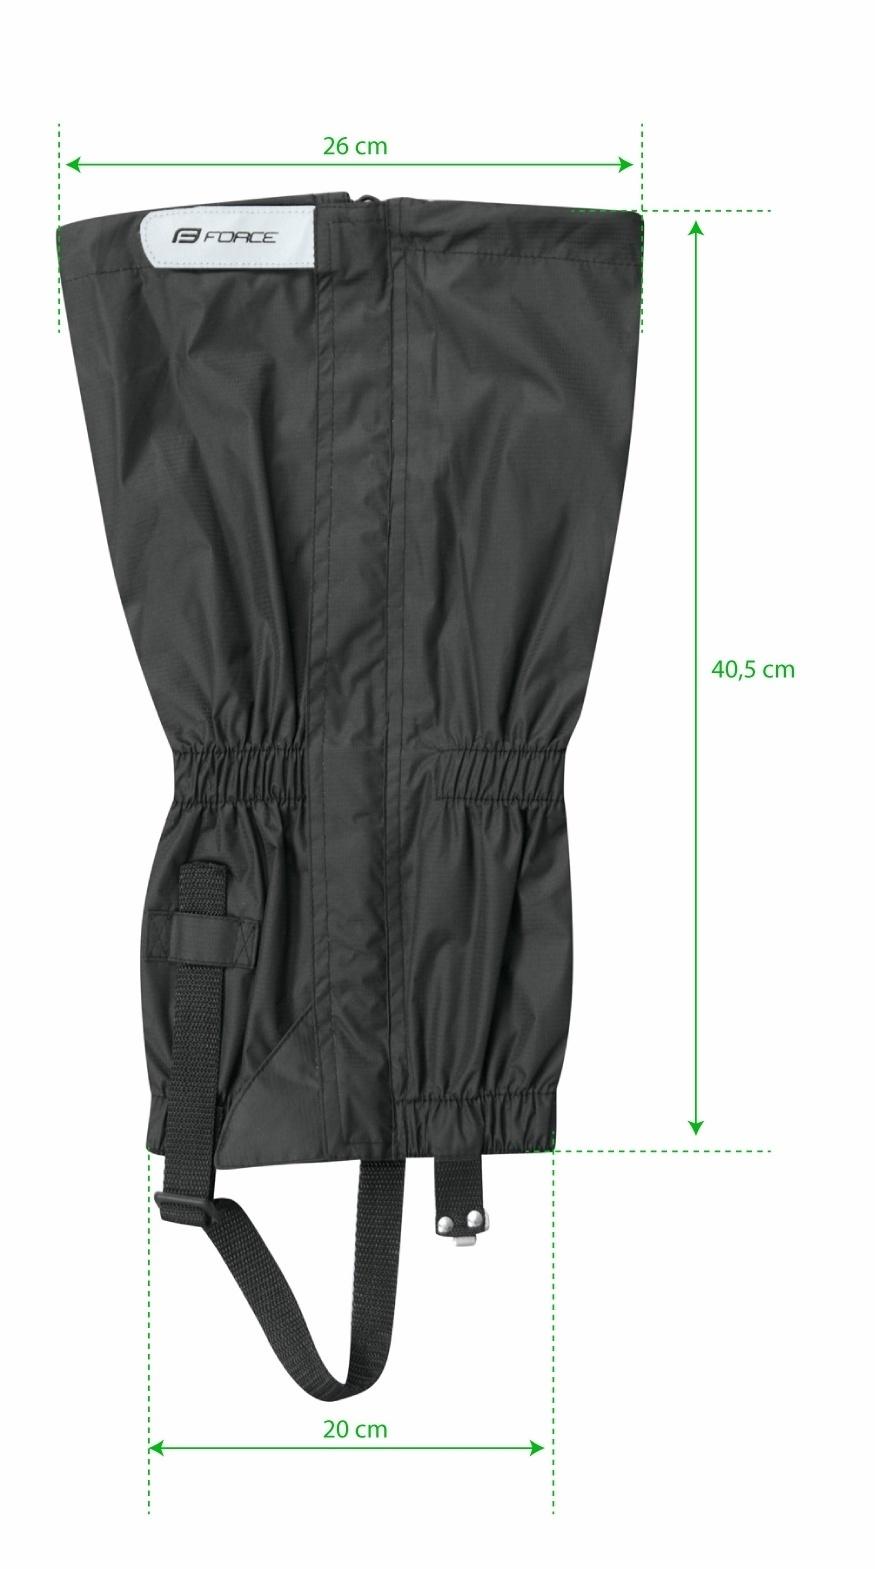 9d8d855ce6 Force návleky na boty SKI RIPSTOP